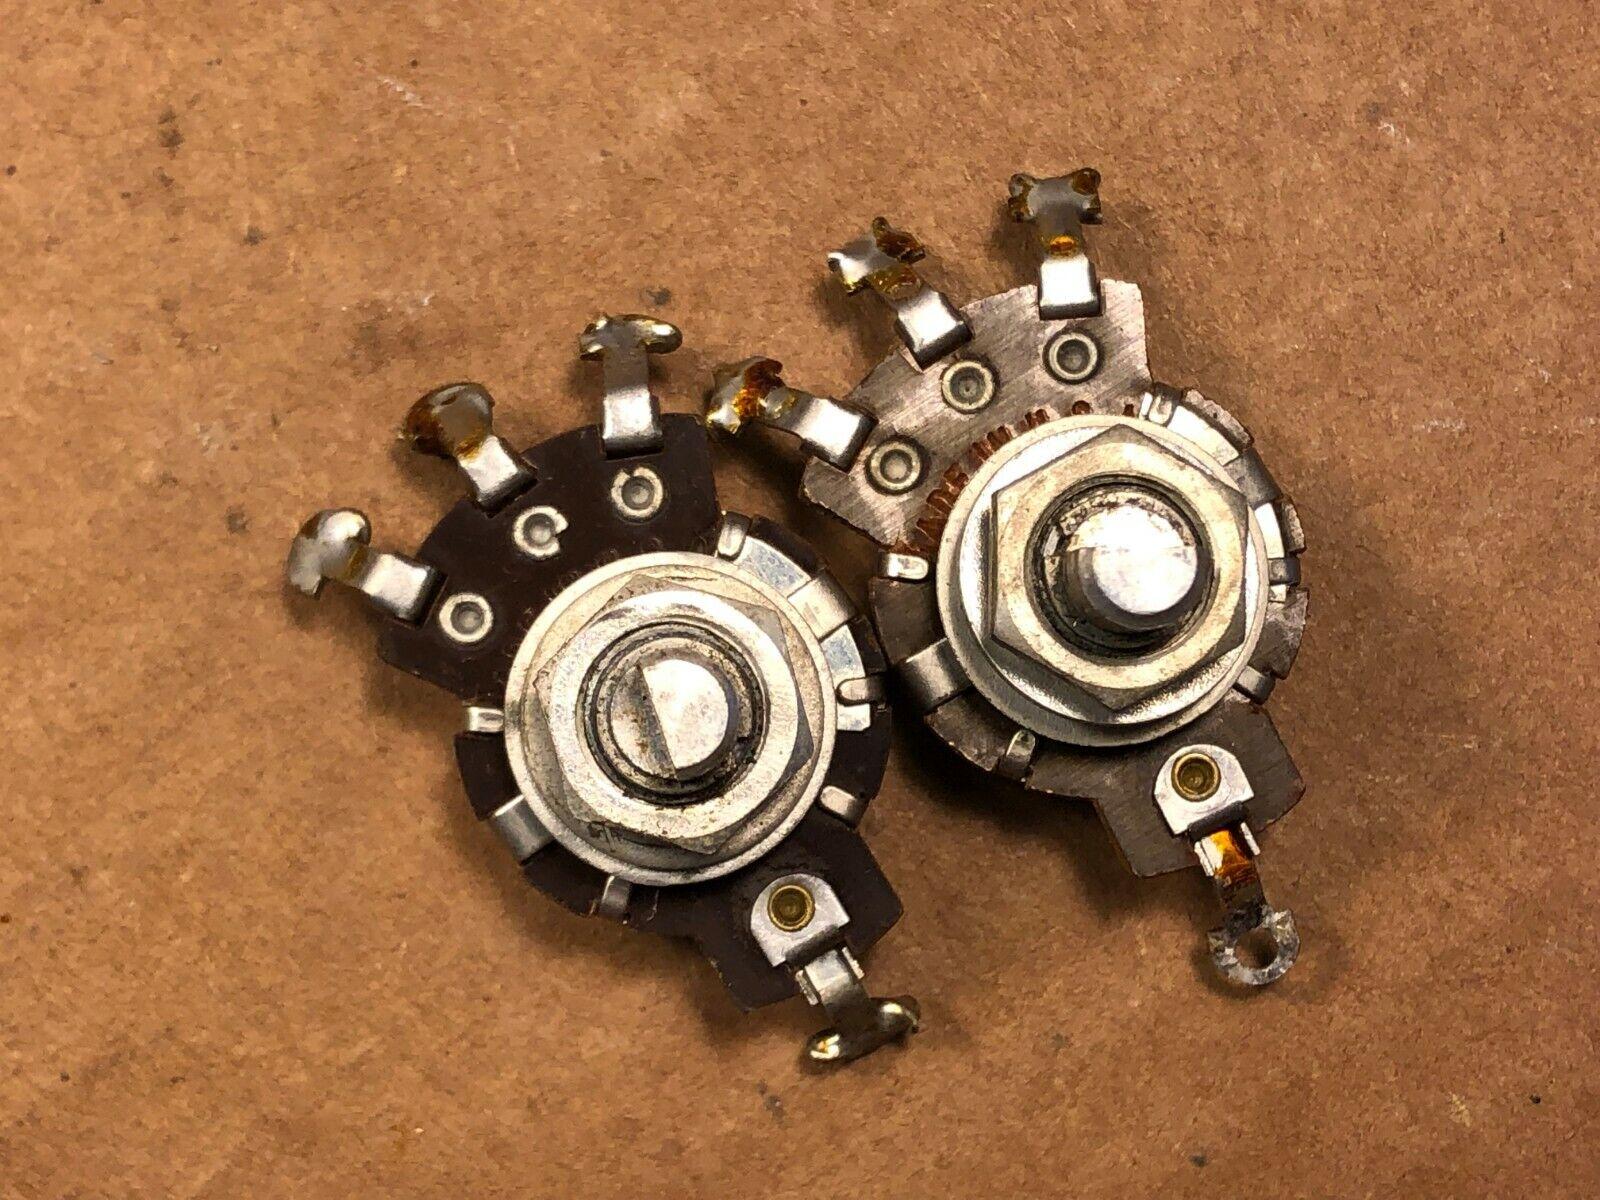 Pair Vintage 1956 Stackpole 1 meg ohm Guitar Amp Potentiometers Audio Taper Pots